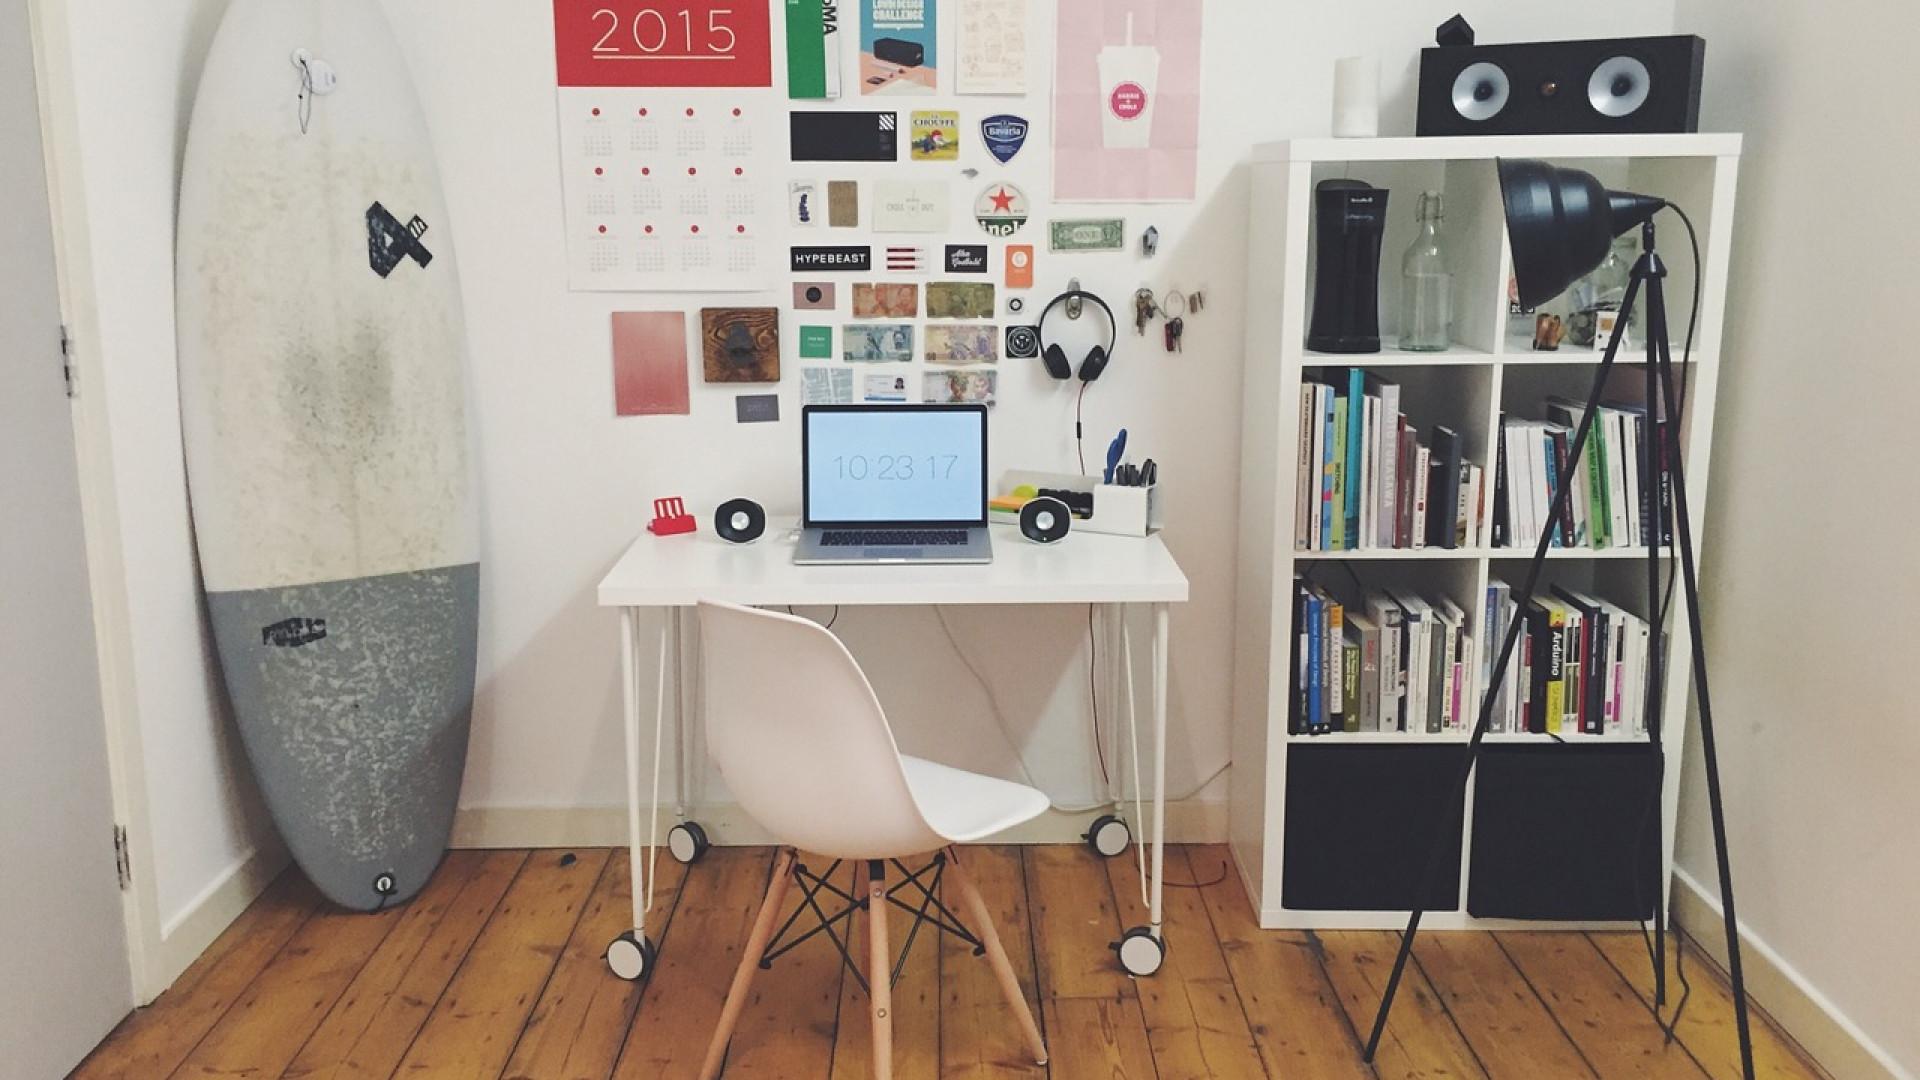 comment bien meubler son studio tudiant. Black Bedroom Furniture Sets. Home Design Ideas